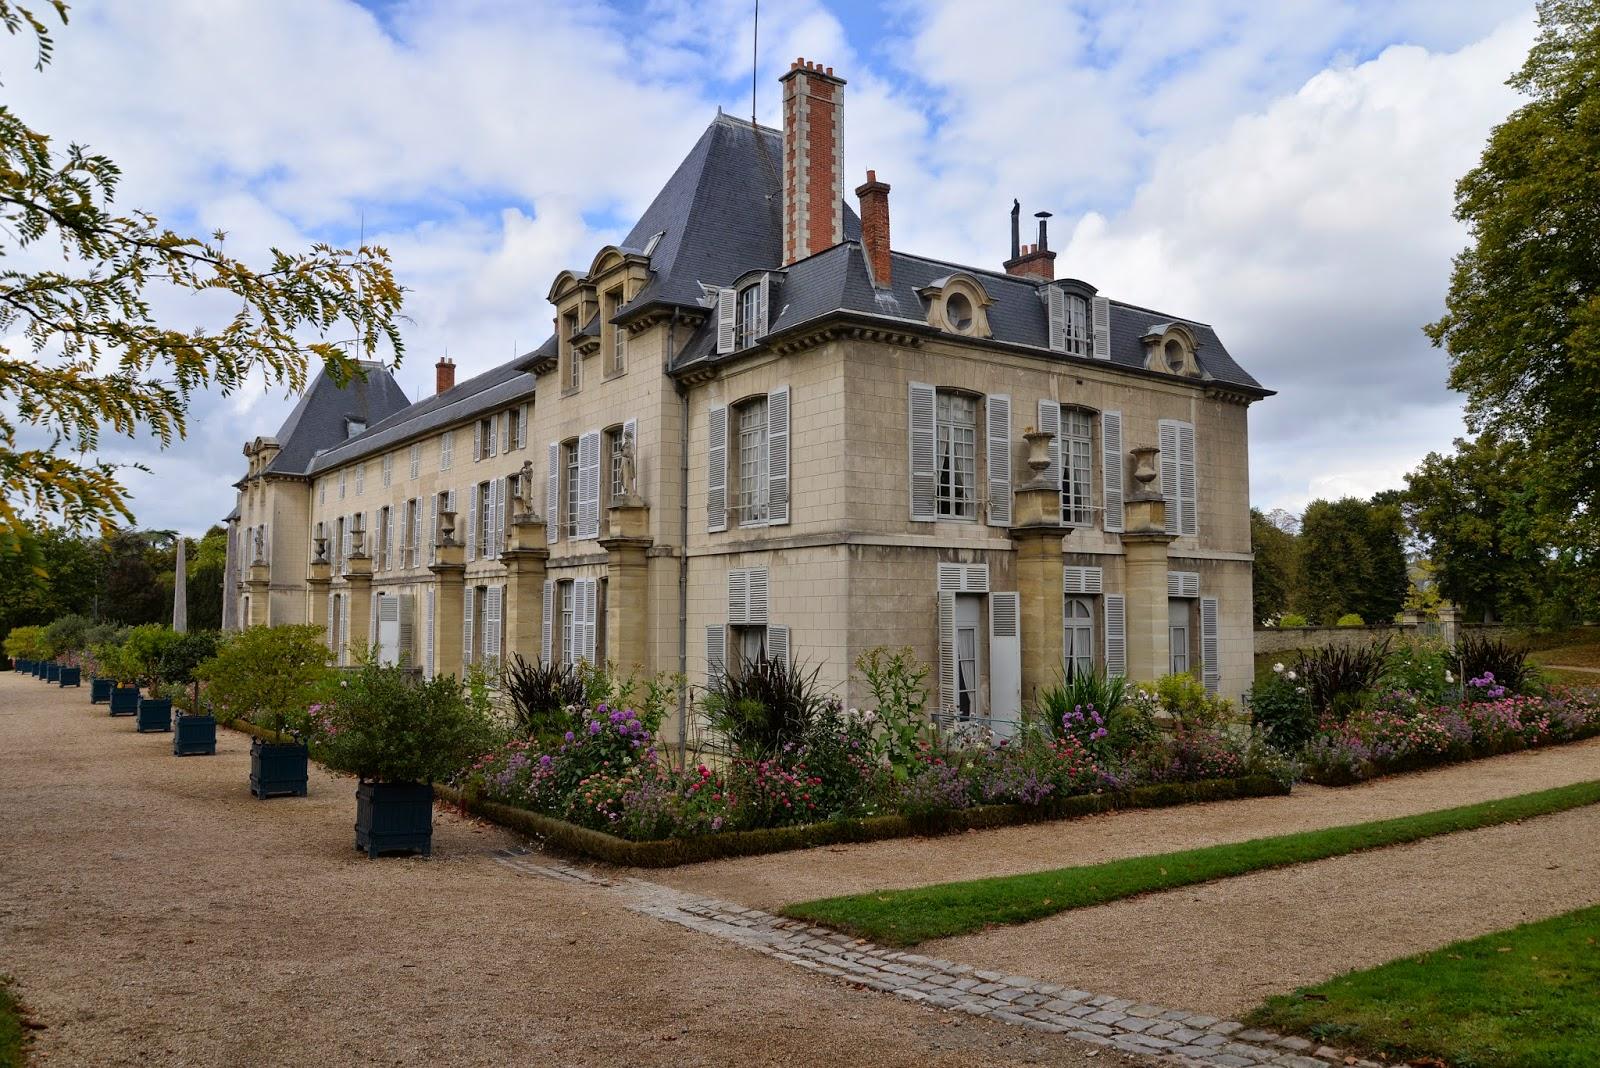 Cubo et excubo chateau de malmaison - Chateau de beauharnais ...